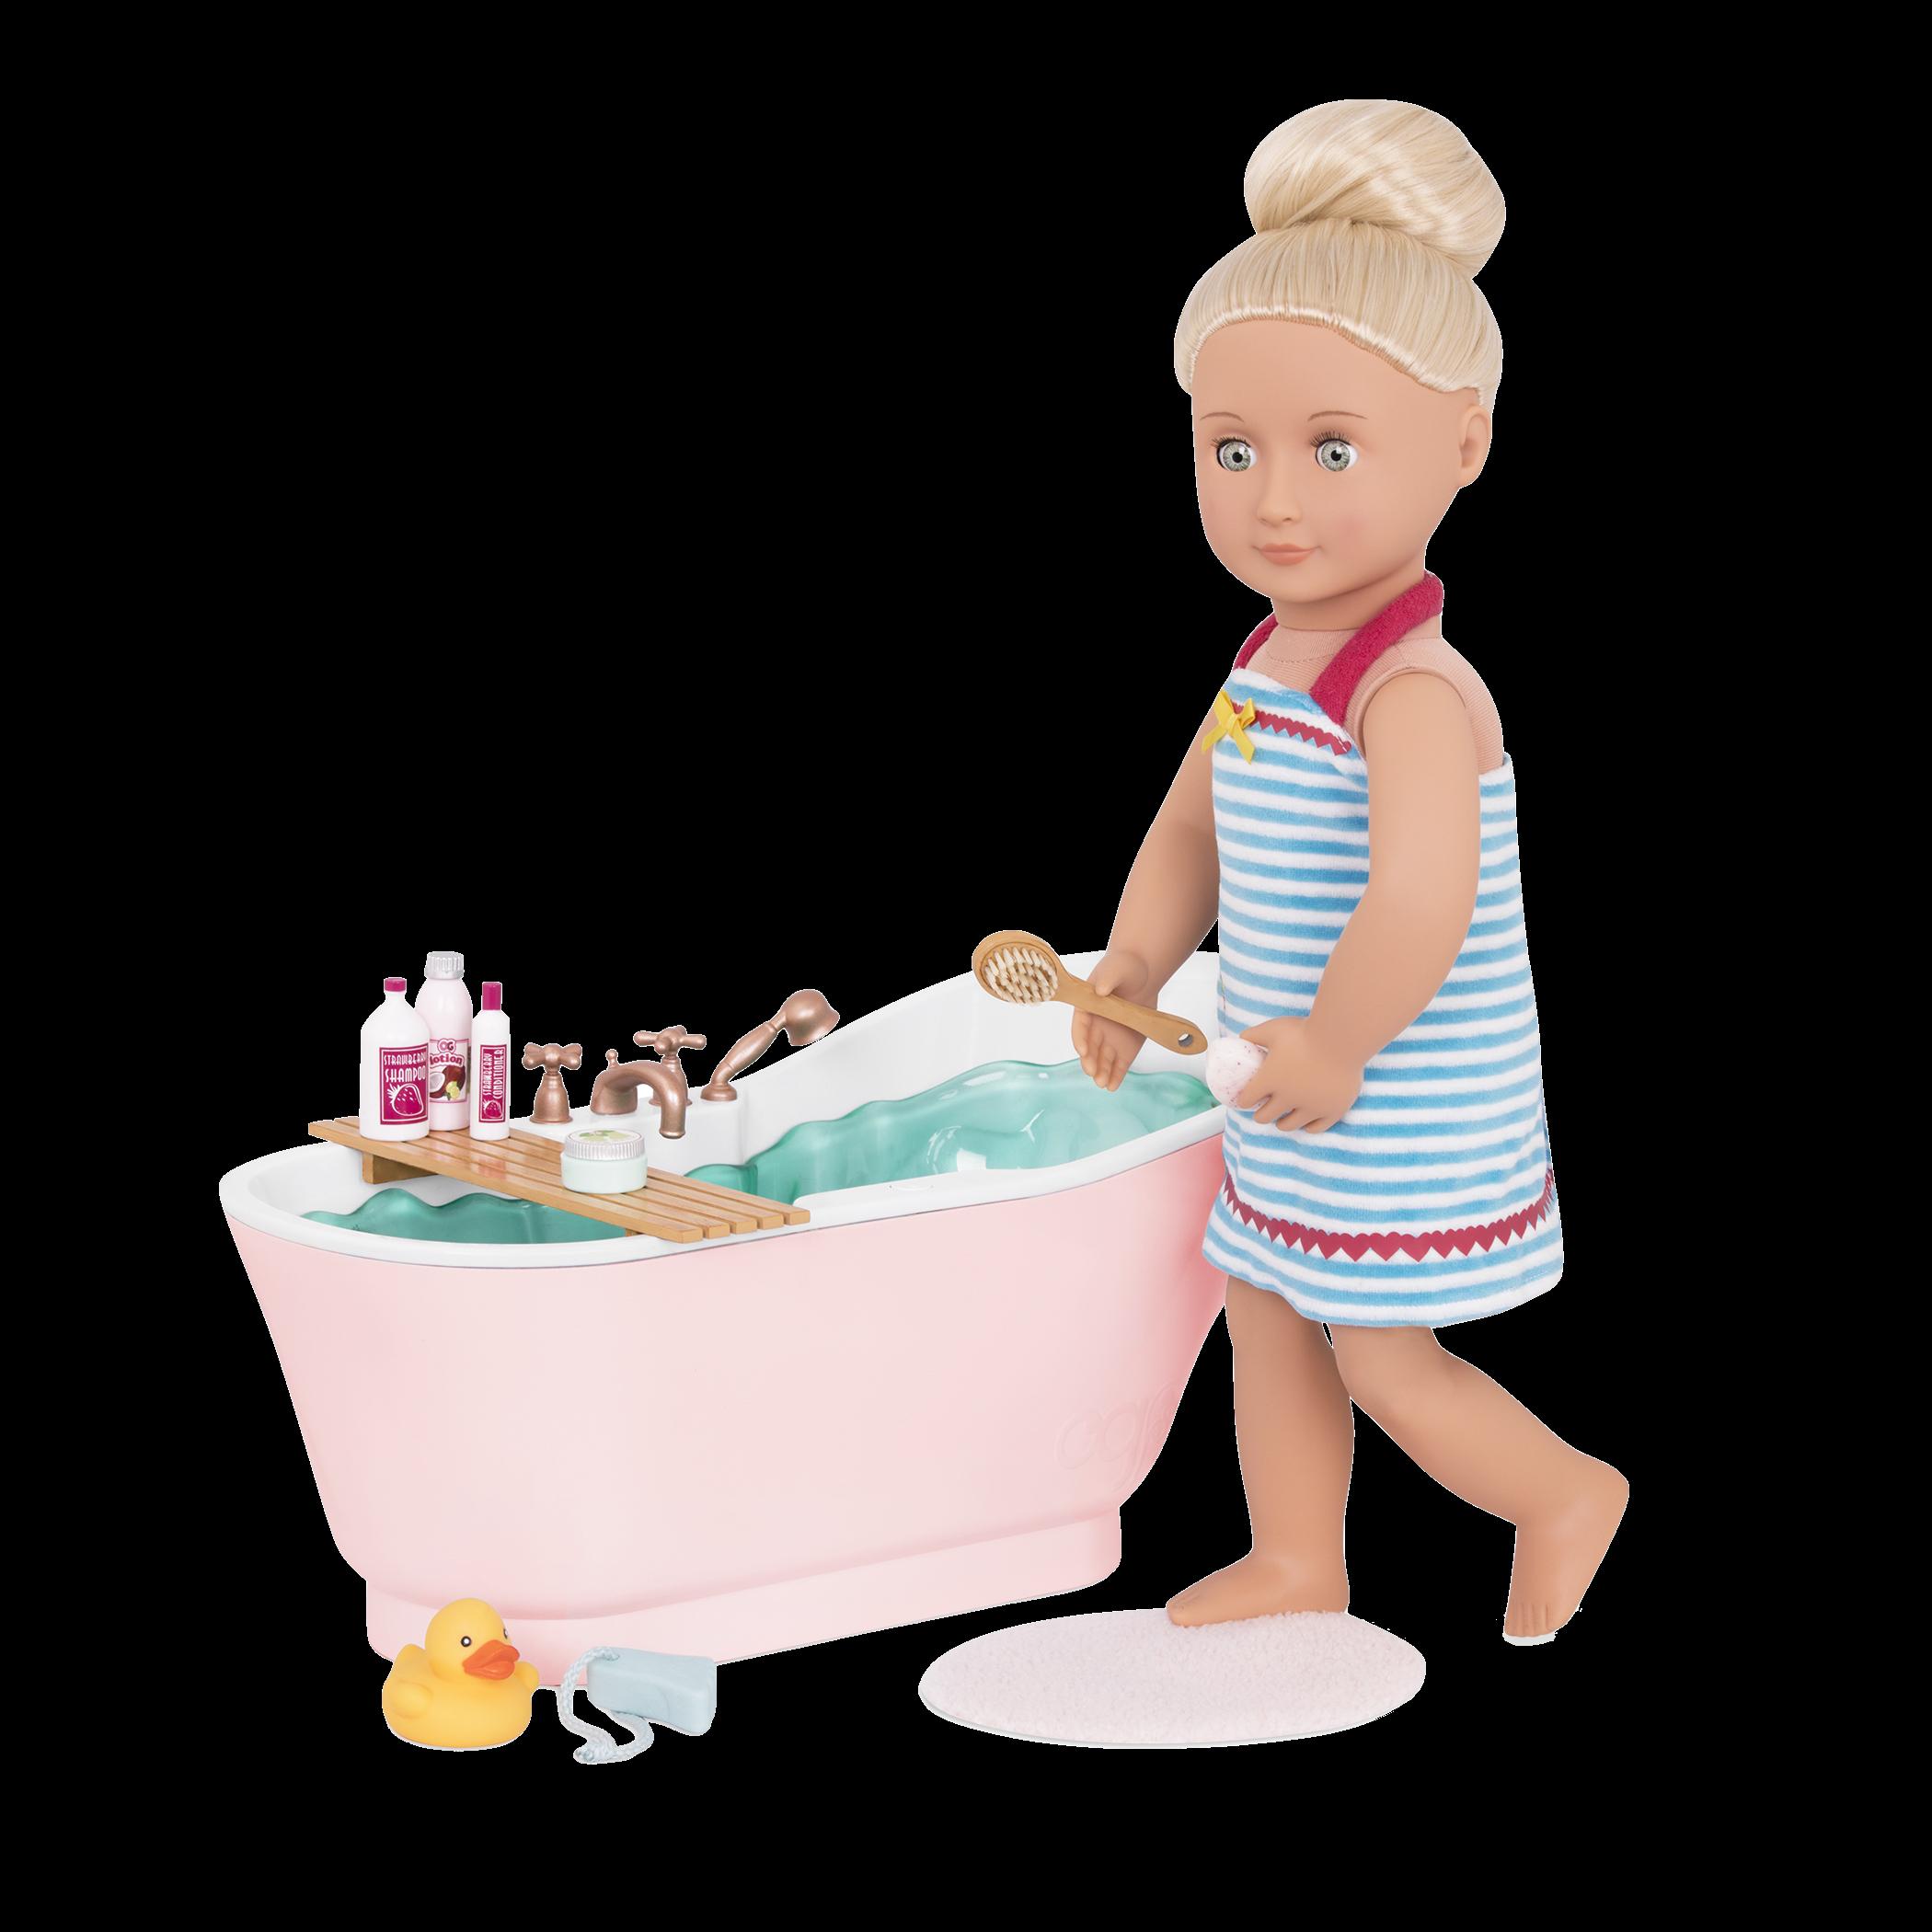 Bath and Bubbles Set Naya getting ready for bath